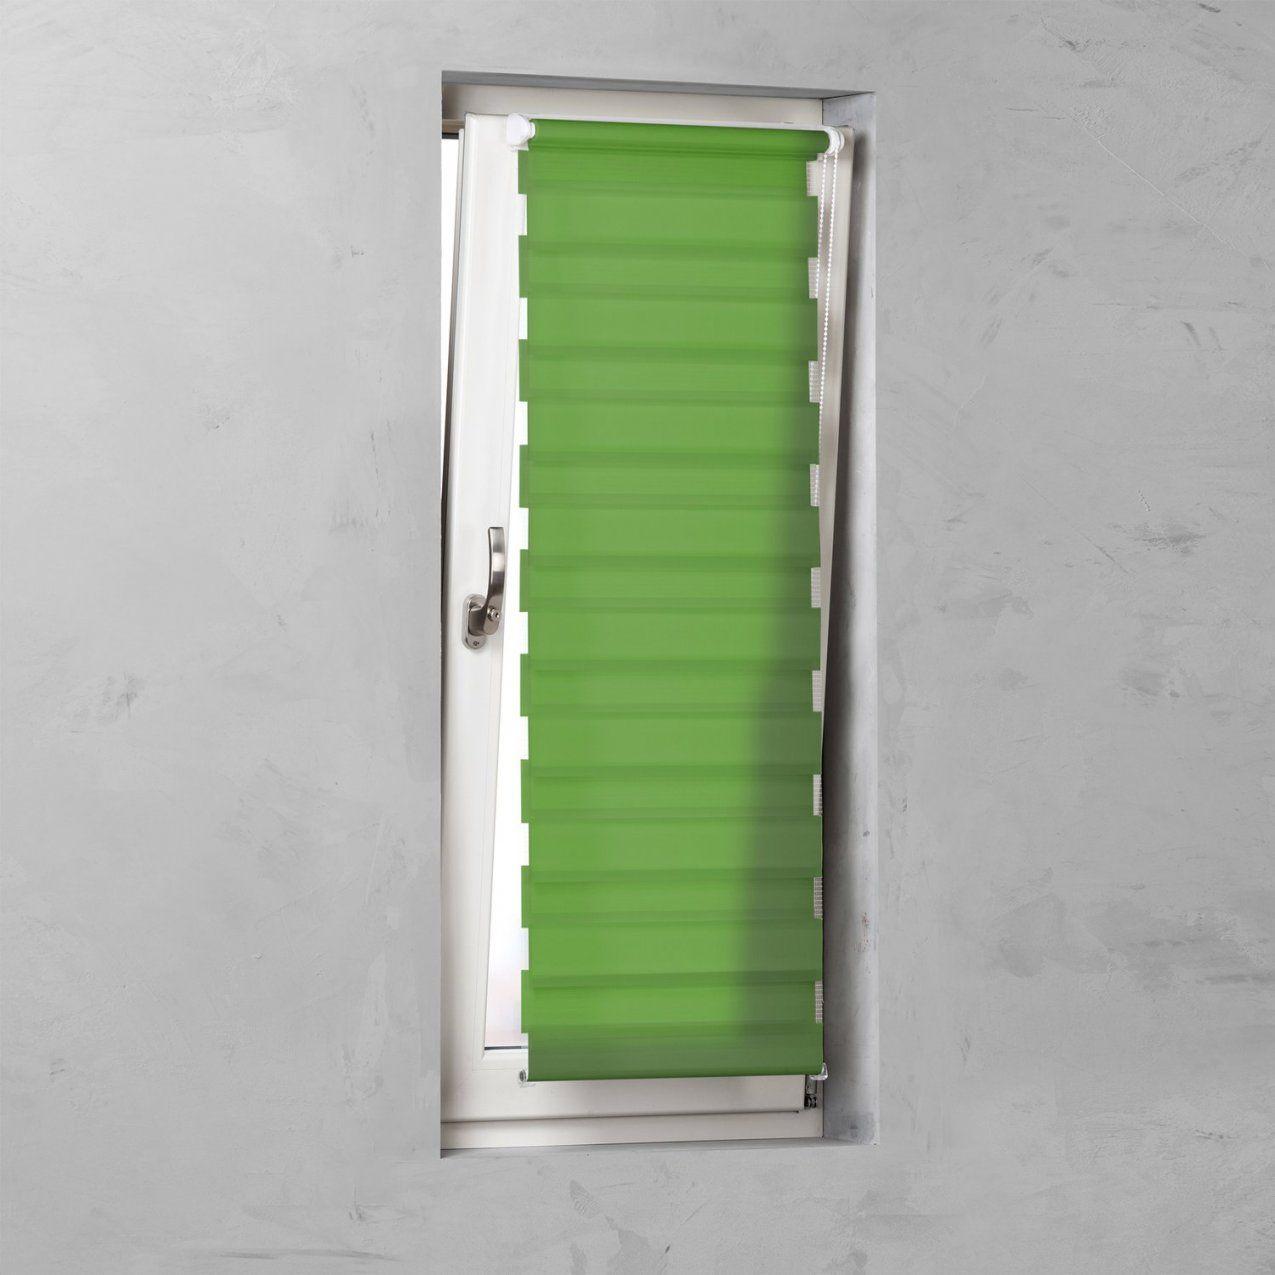 Cocoon Mini Doppelrollo 17 Mm Grün 45 Cm X 150 Cm Kaufen Bei Obi von Doppelrollo 45 Cm Breit Bild